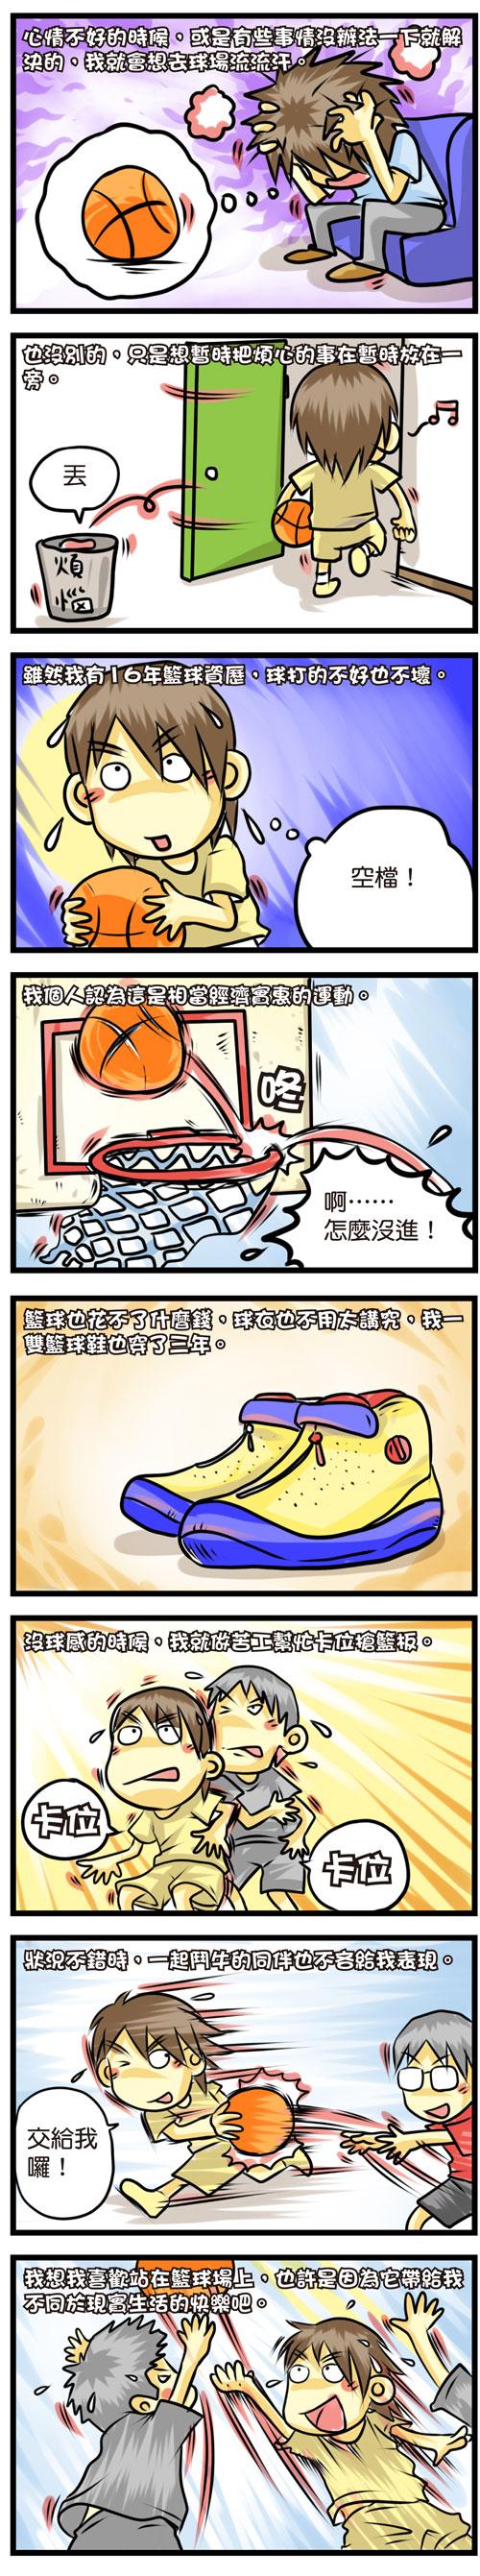 托比漫畫_籃球週記_心情不好就打球.jpg